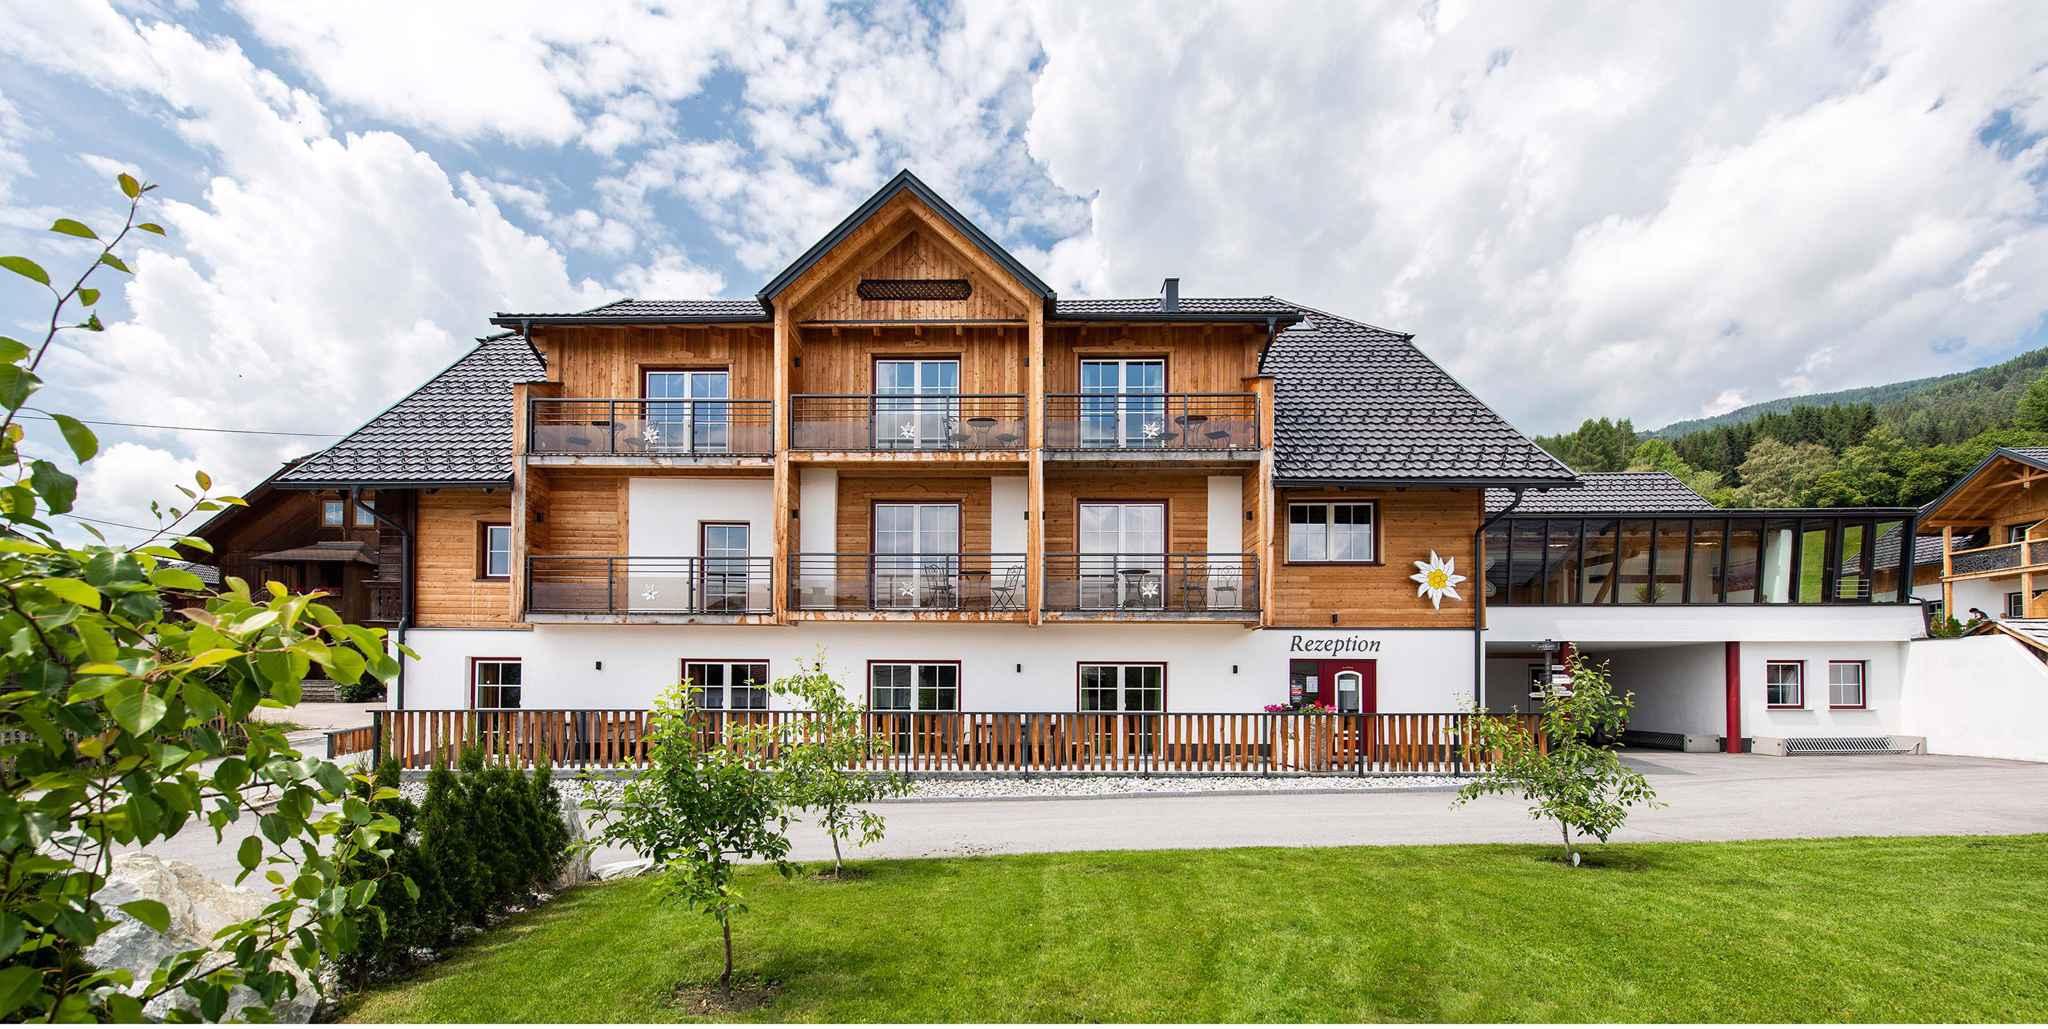 Ferienhaus im Feriendorf Edelweiss (2916176), Mariapfarr, Lungau, Salzburg, Österreich, Bild 50